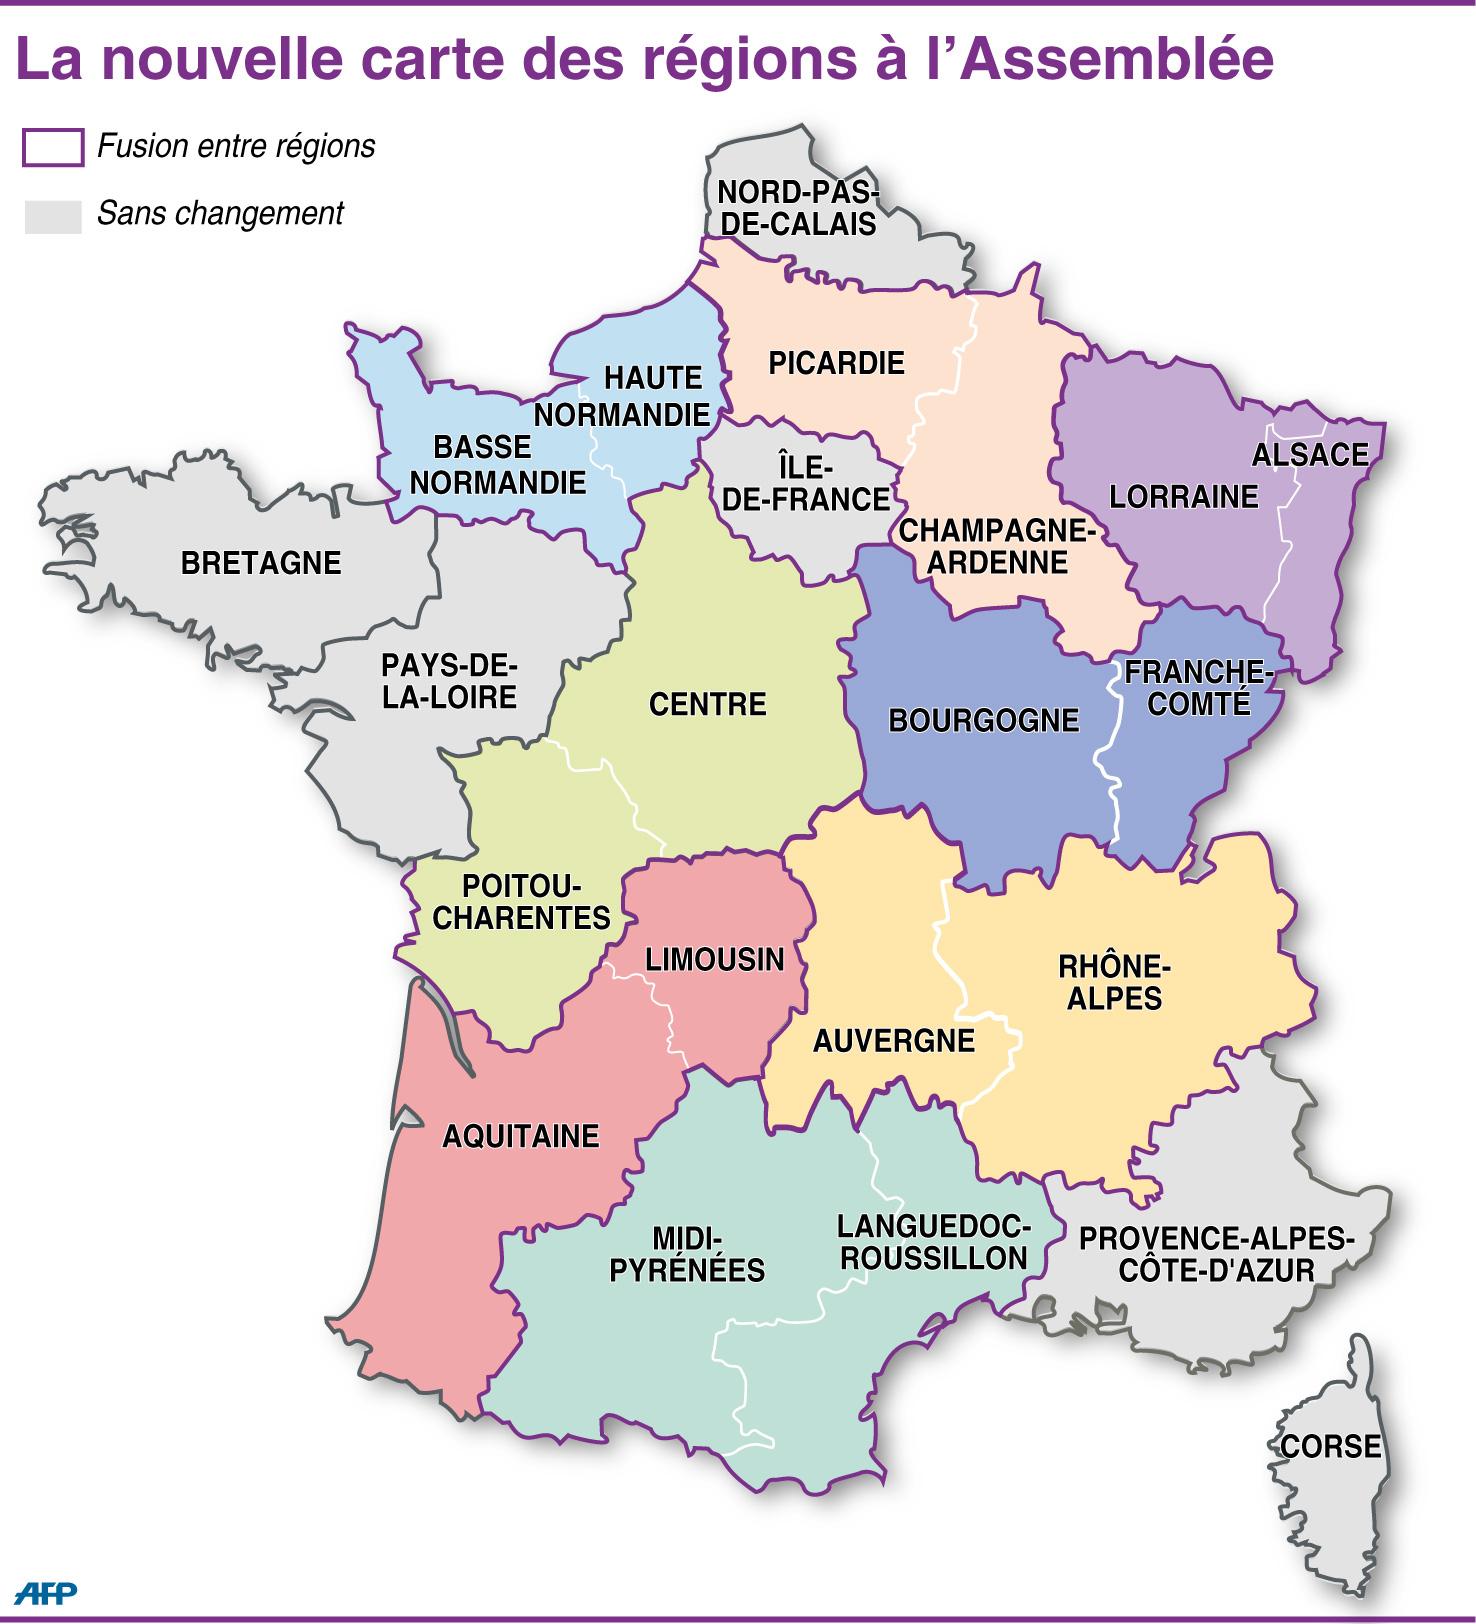 Réforme Territoriale : Les Députés Cherchent Le Consensus à Nouvelles Régions En France